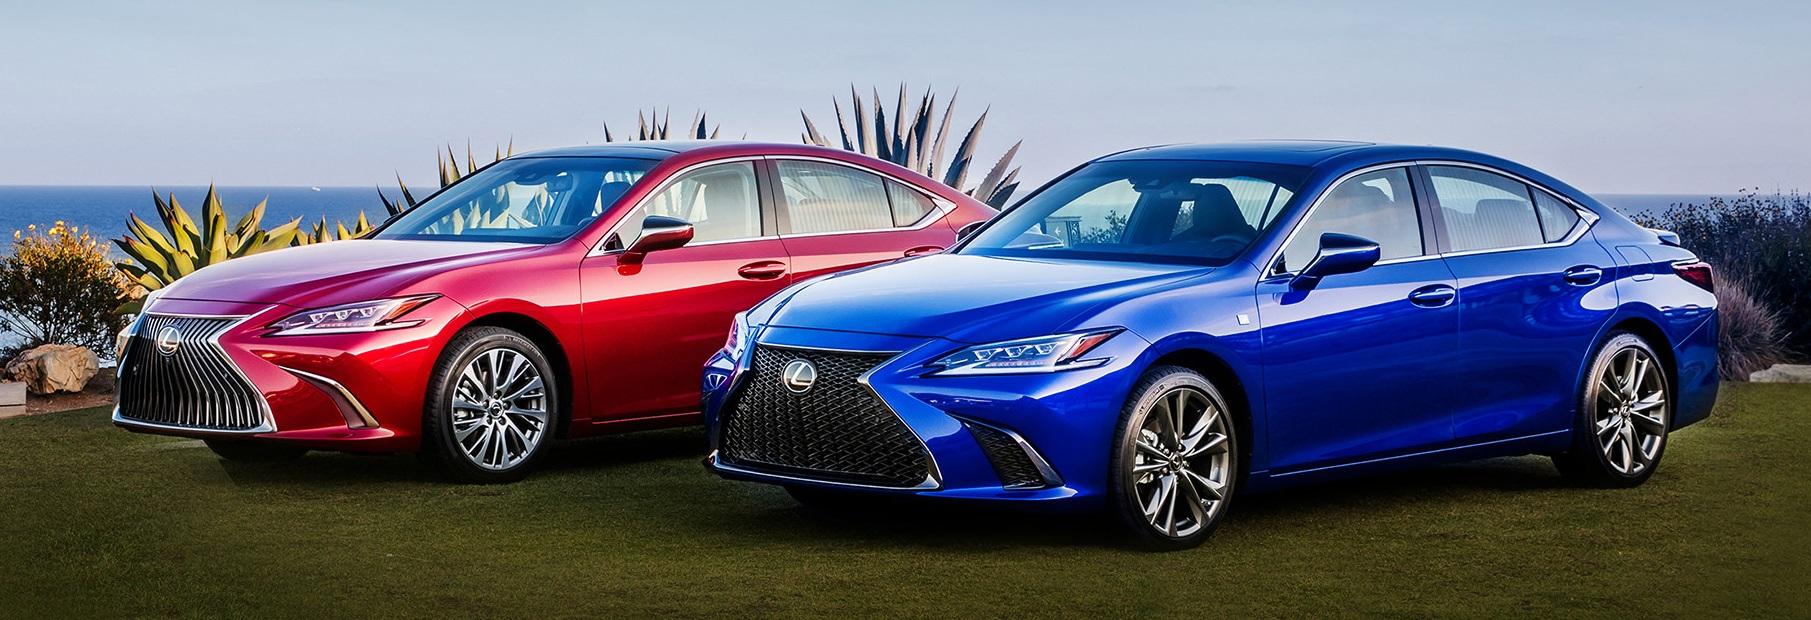 lexus-2019-es-350-matador-red-ultra-blue-mica-x1